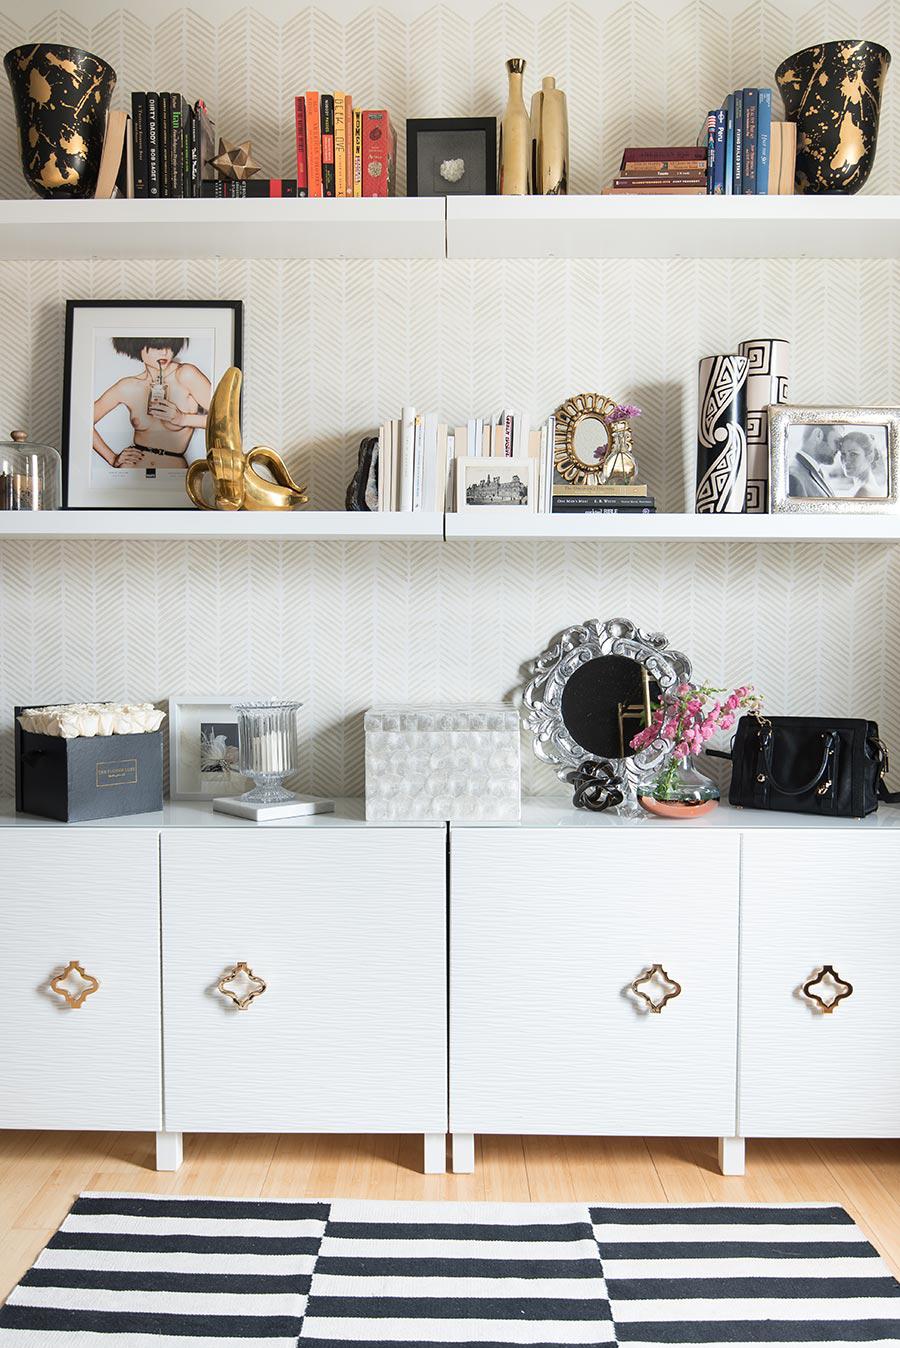 splendor-styling-shelves-decor-dc-decorator-how-to-guide-styling-home-decor.jpg